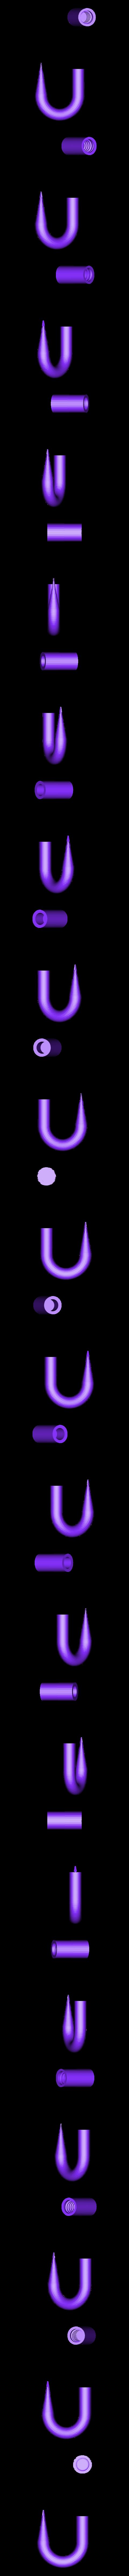 hook-unsplit-full-set.stl Download free STL file Broomstick mountable hook • 3D printing object, arpruss